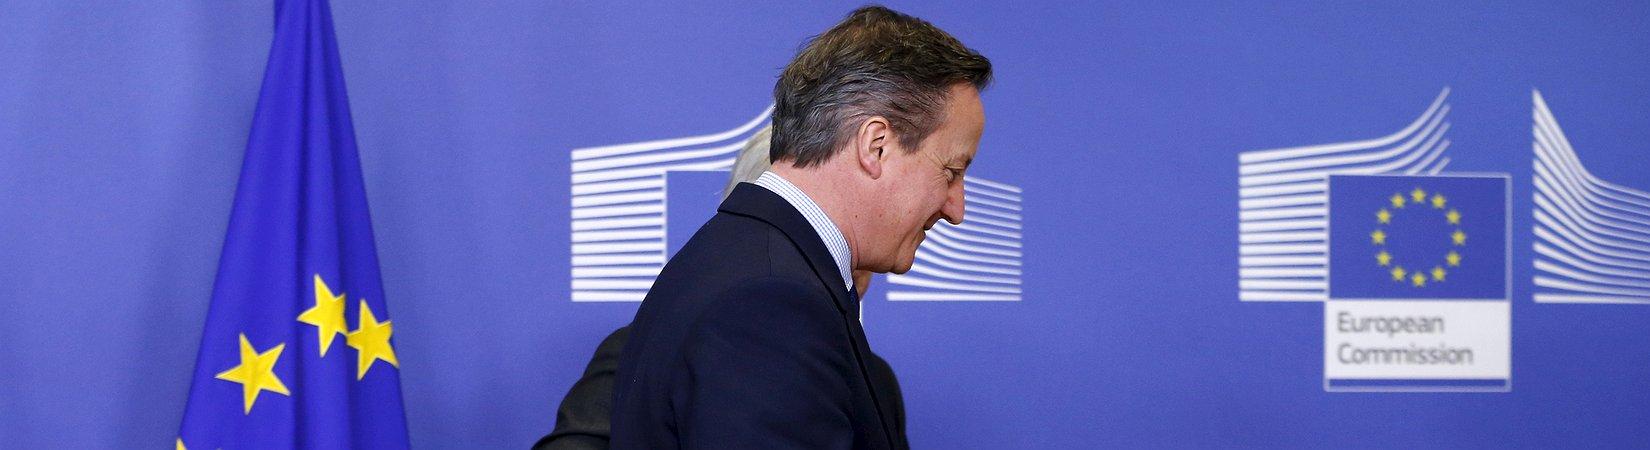 Fordert der Rest Europas seinen eigenen Brexit?